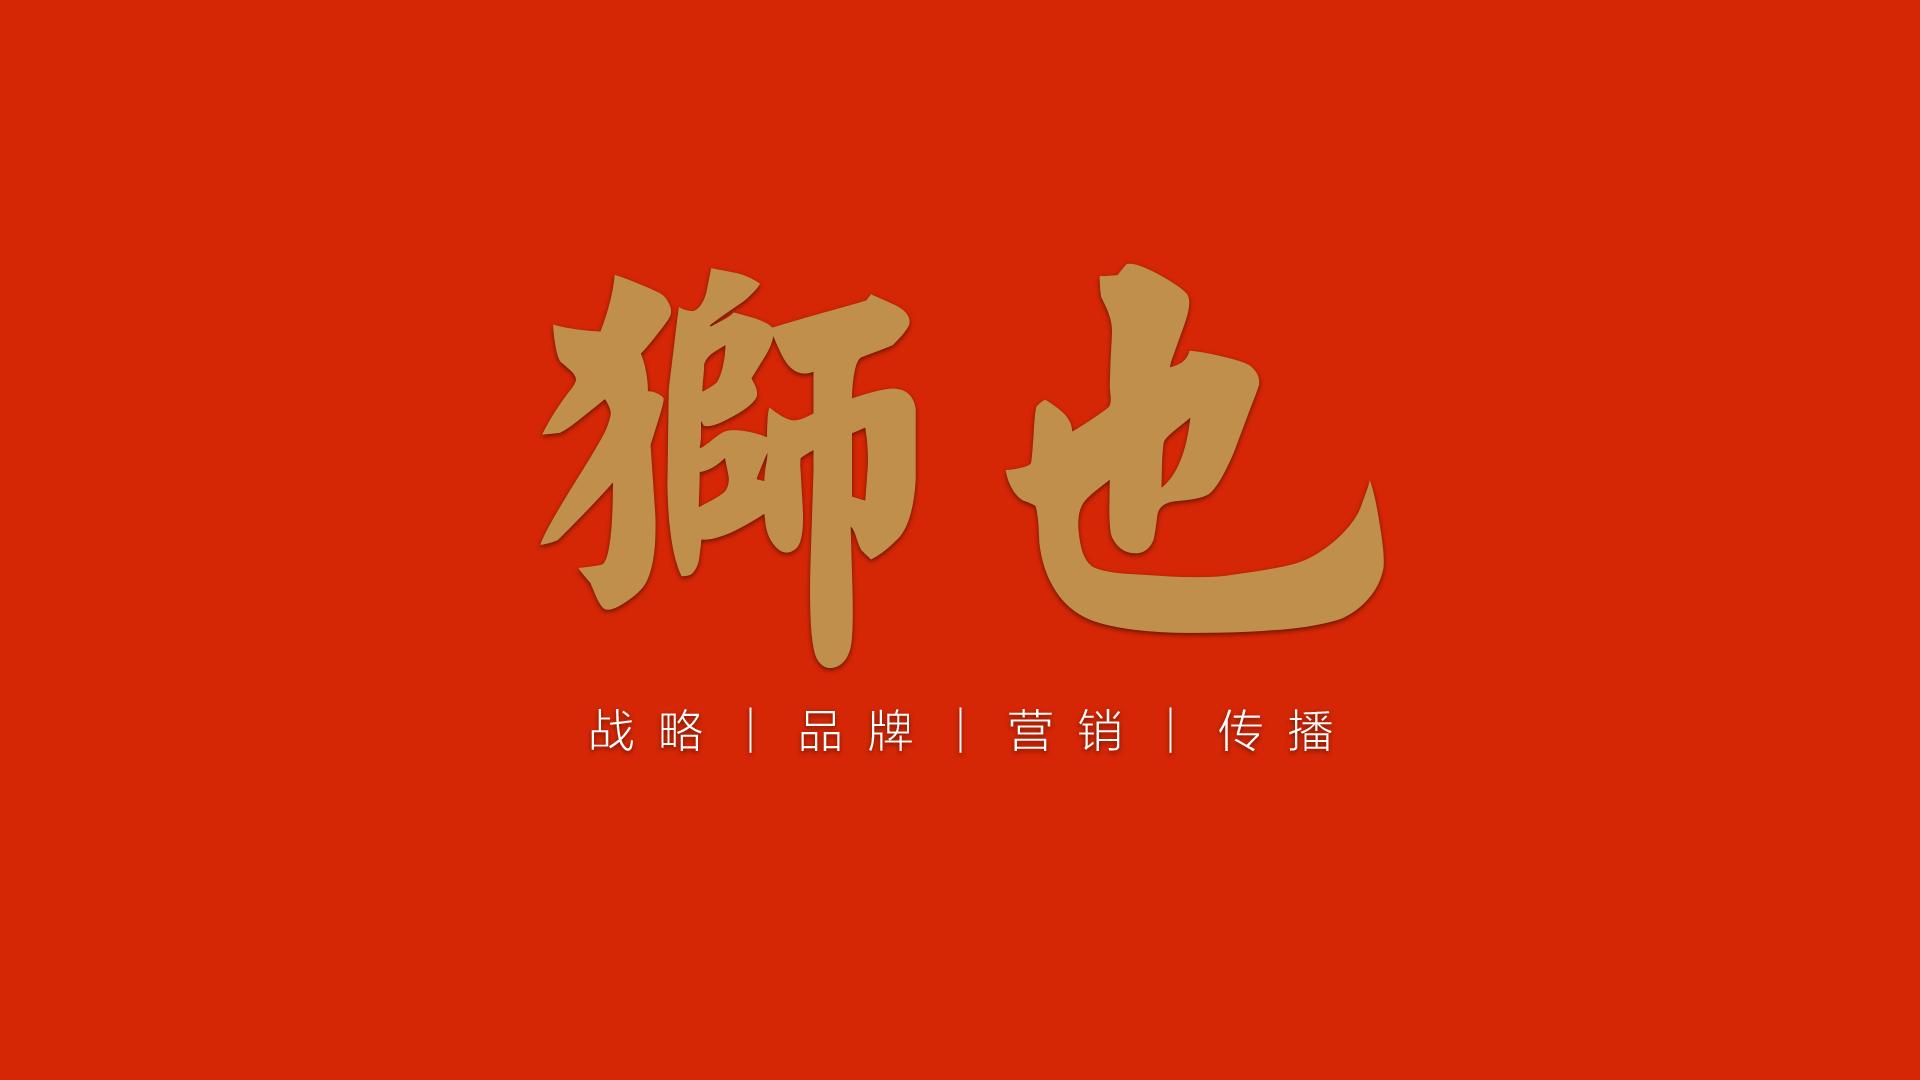 上海营销策划公司—北京营销策划分析大数据找对象